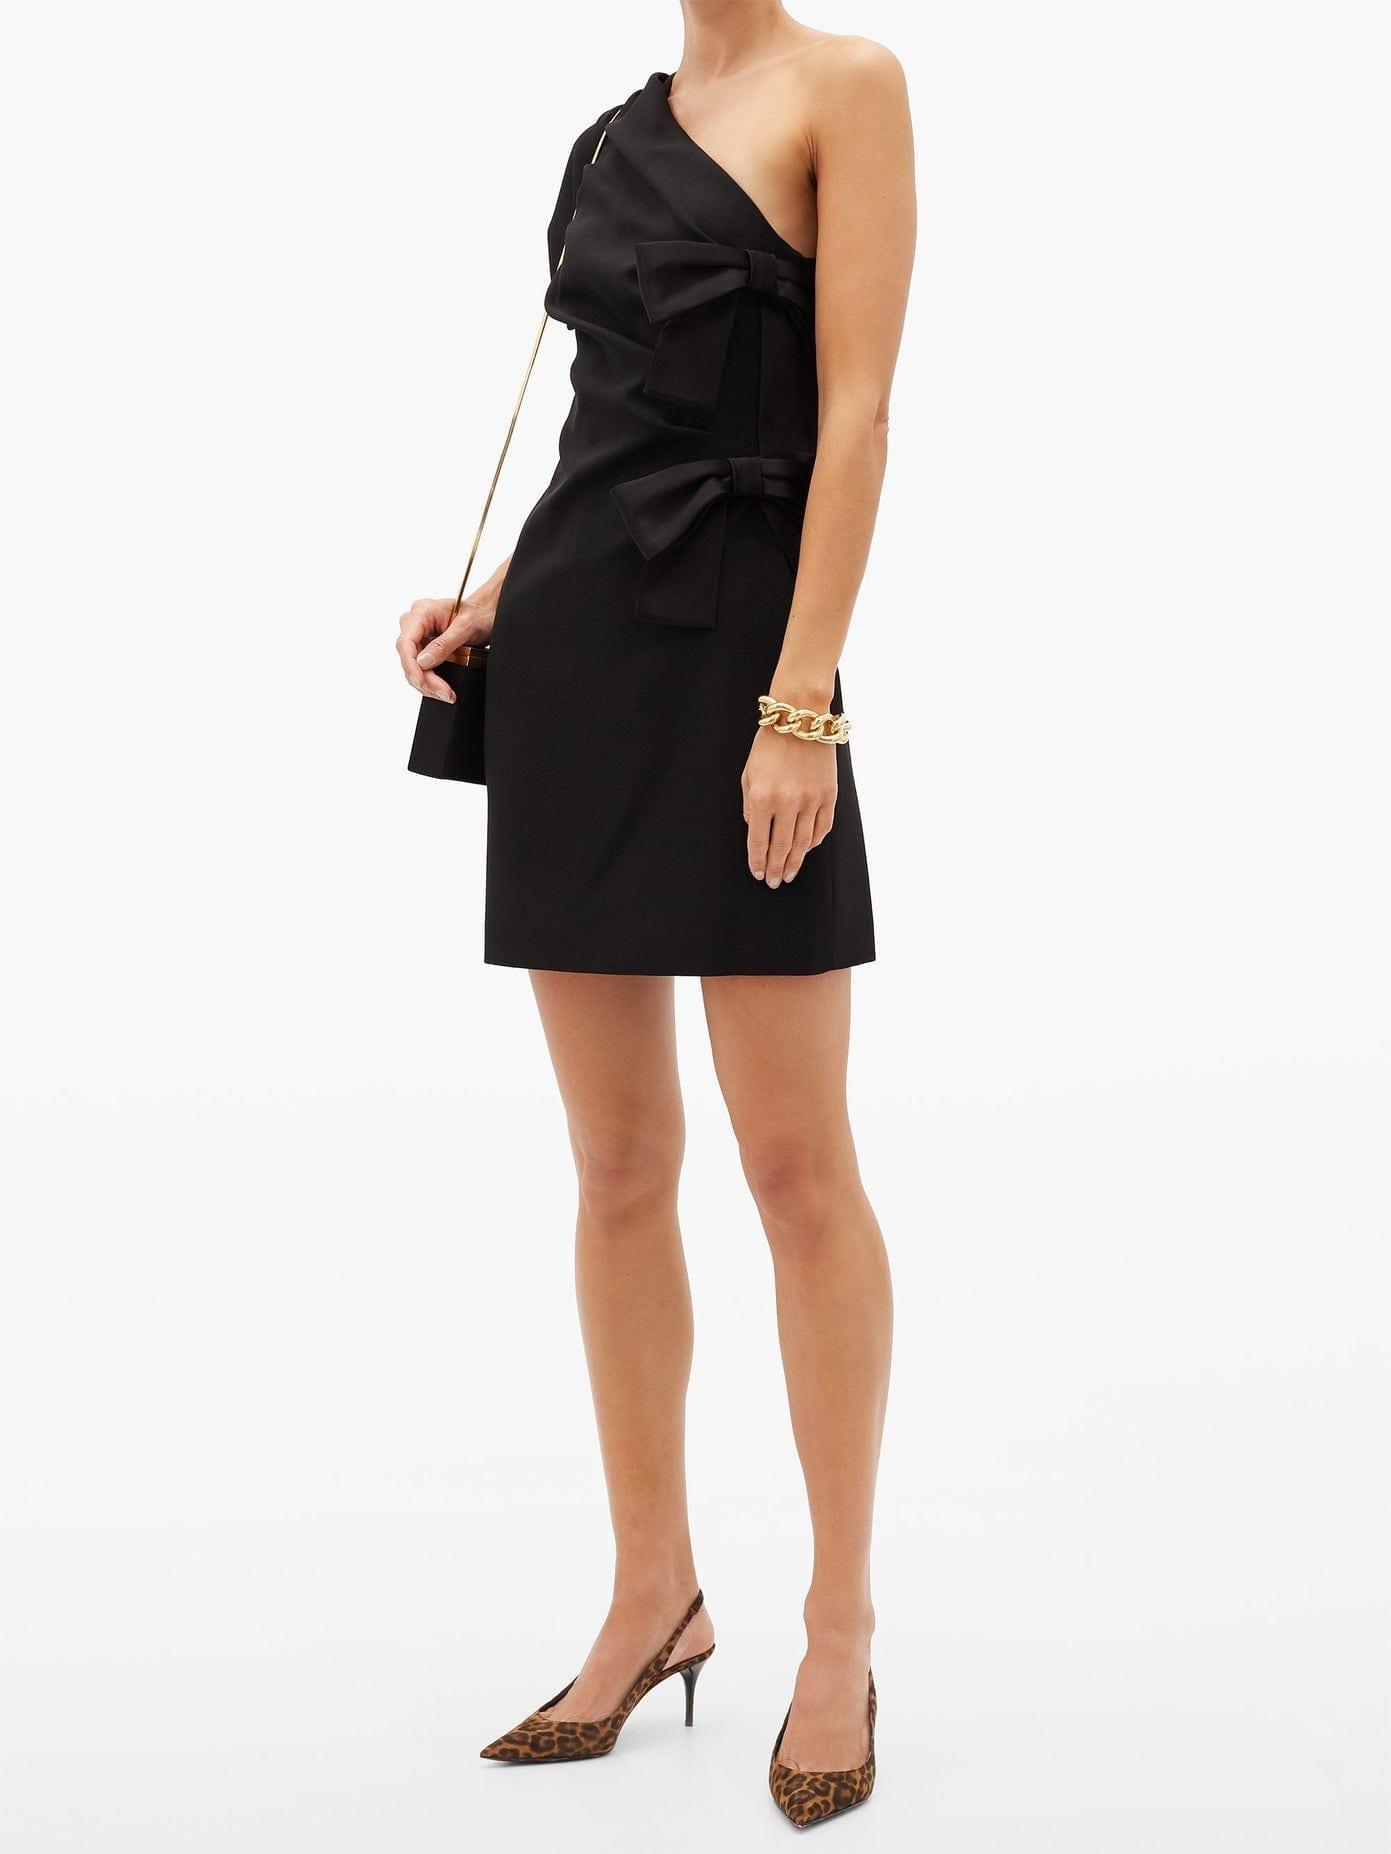 SAINT LAURENT One-shoulder Bow-tied Satin Mini Dress